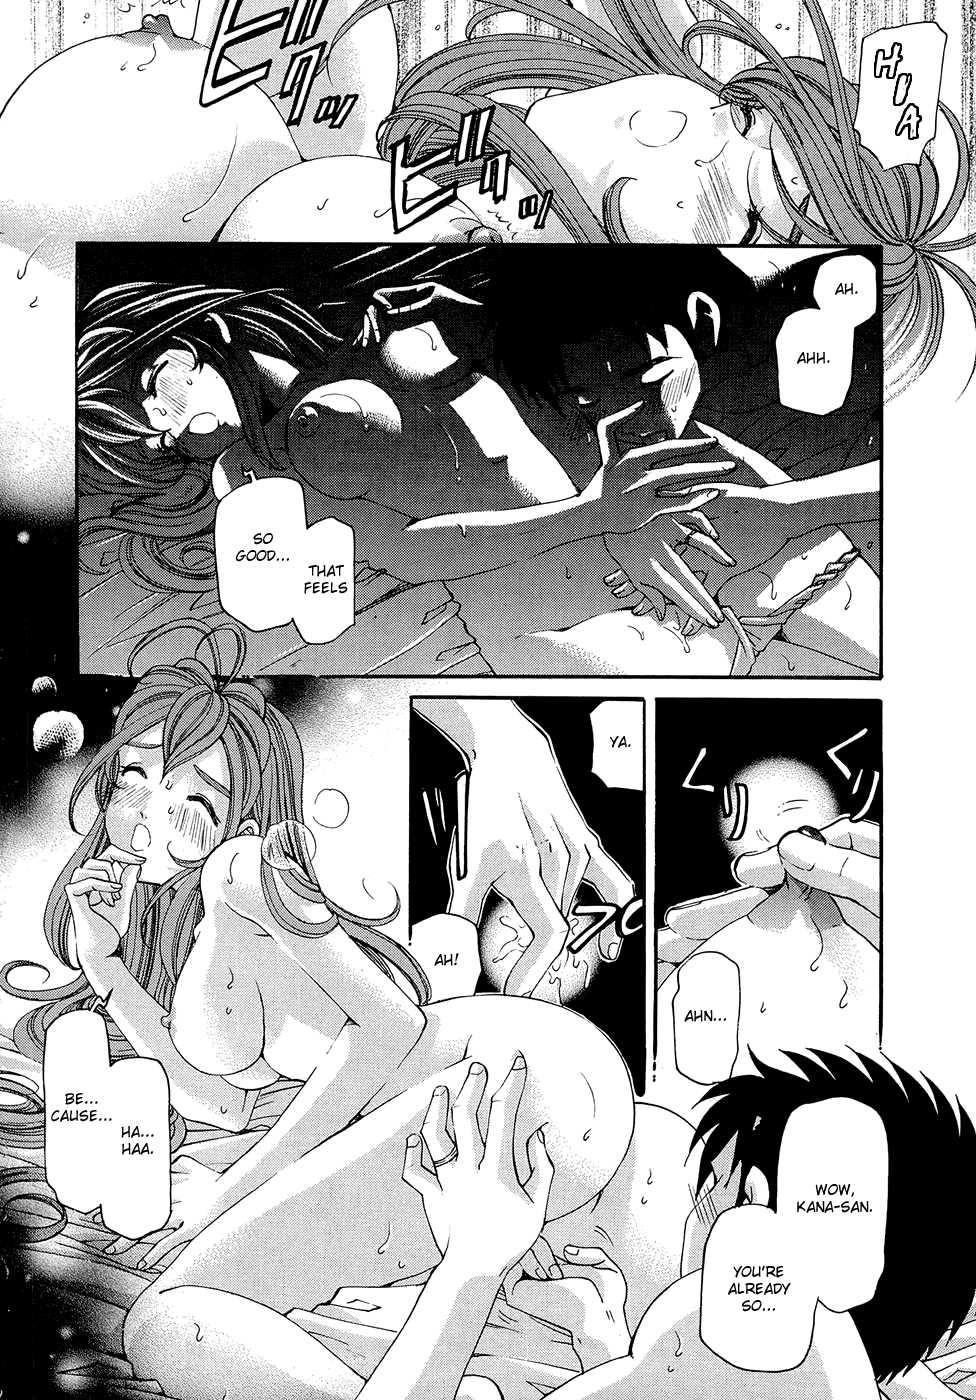 manga-devstvennitsa